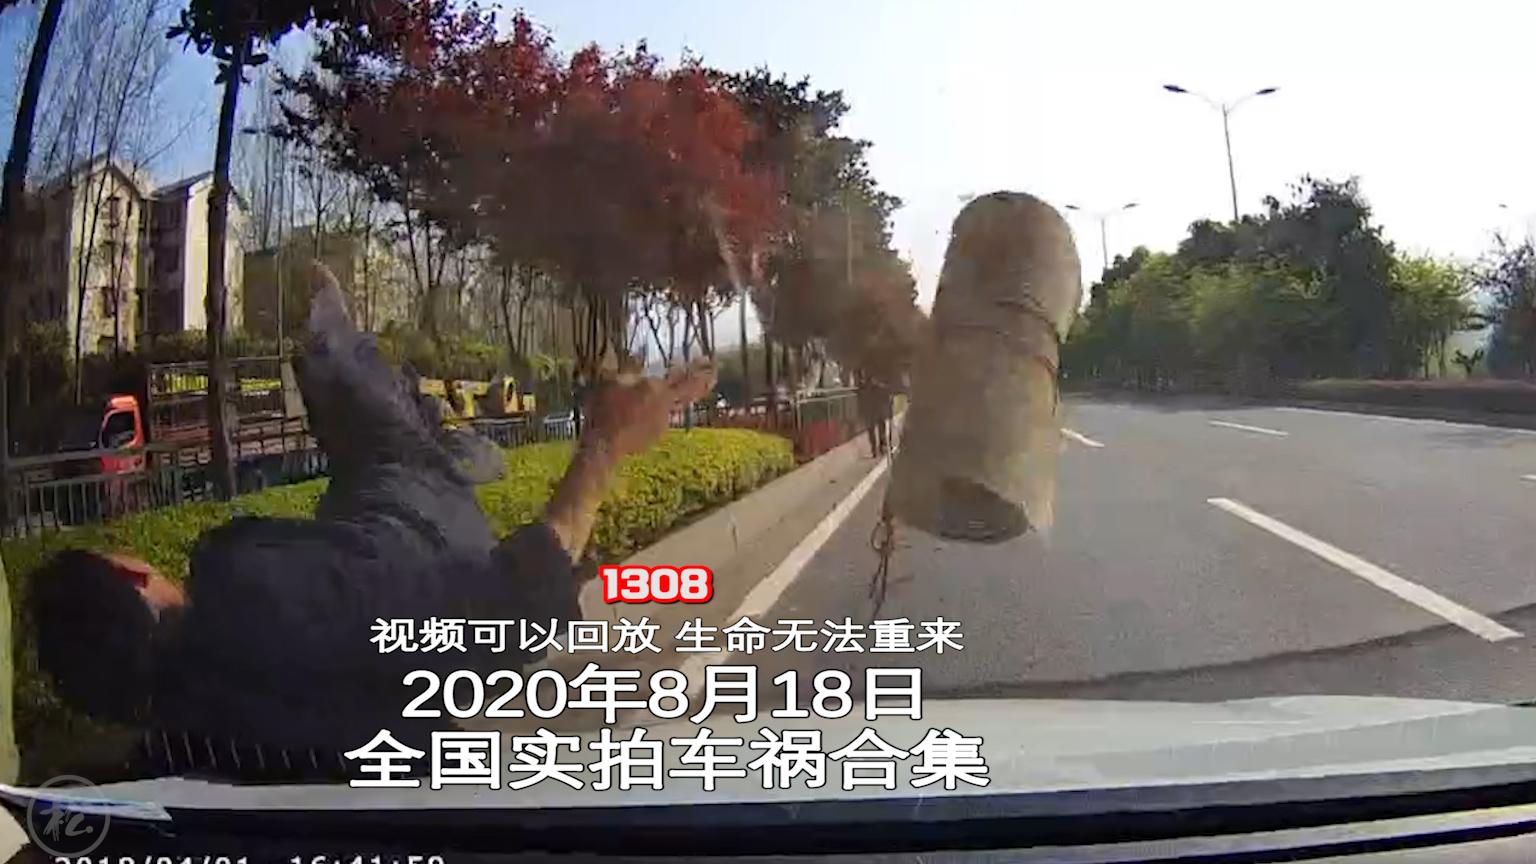 1308期:特斯拉失控撞开护栏连撞多车翻滚落地【20200818全国车祸合集】